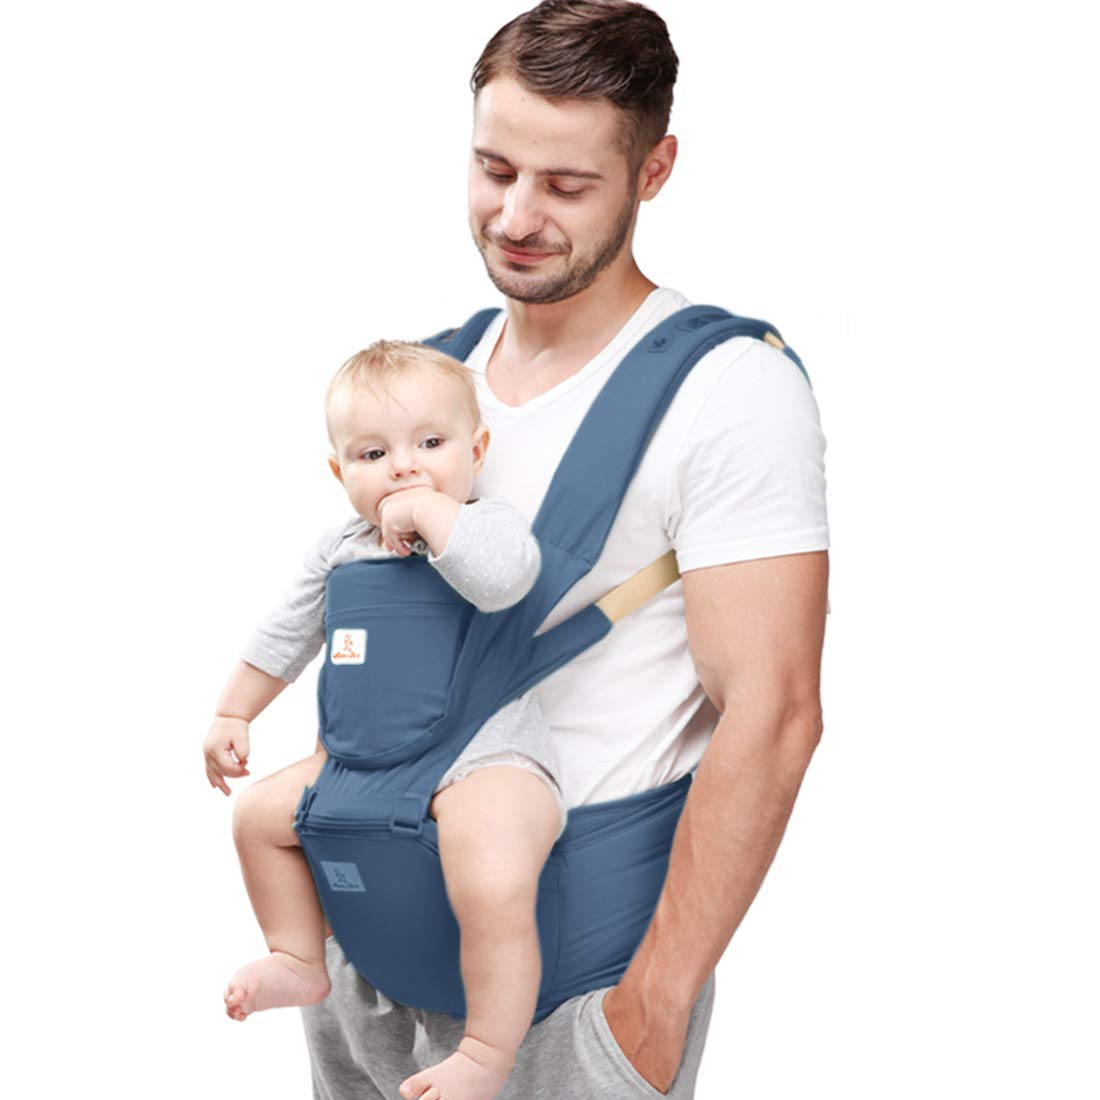 Peacoco 抱っこ紐 ベビーキャリア おんぶひも おんぶ ヒップシート 新生児から3歳まで ベビースリング よだれカバー 通気 メッシュ 横抱き 多機能 抱っこひも 深蓝